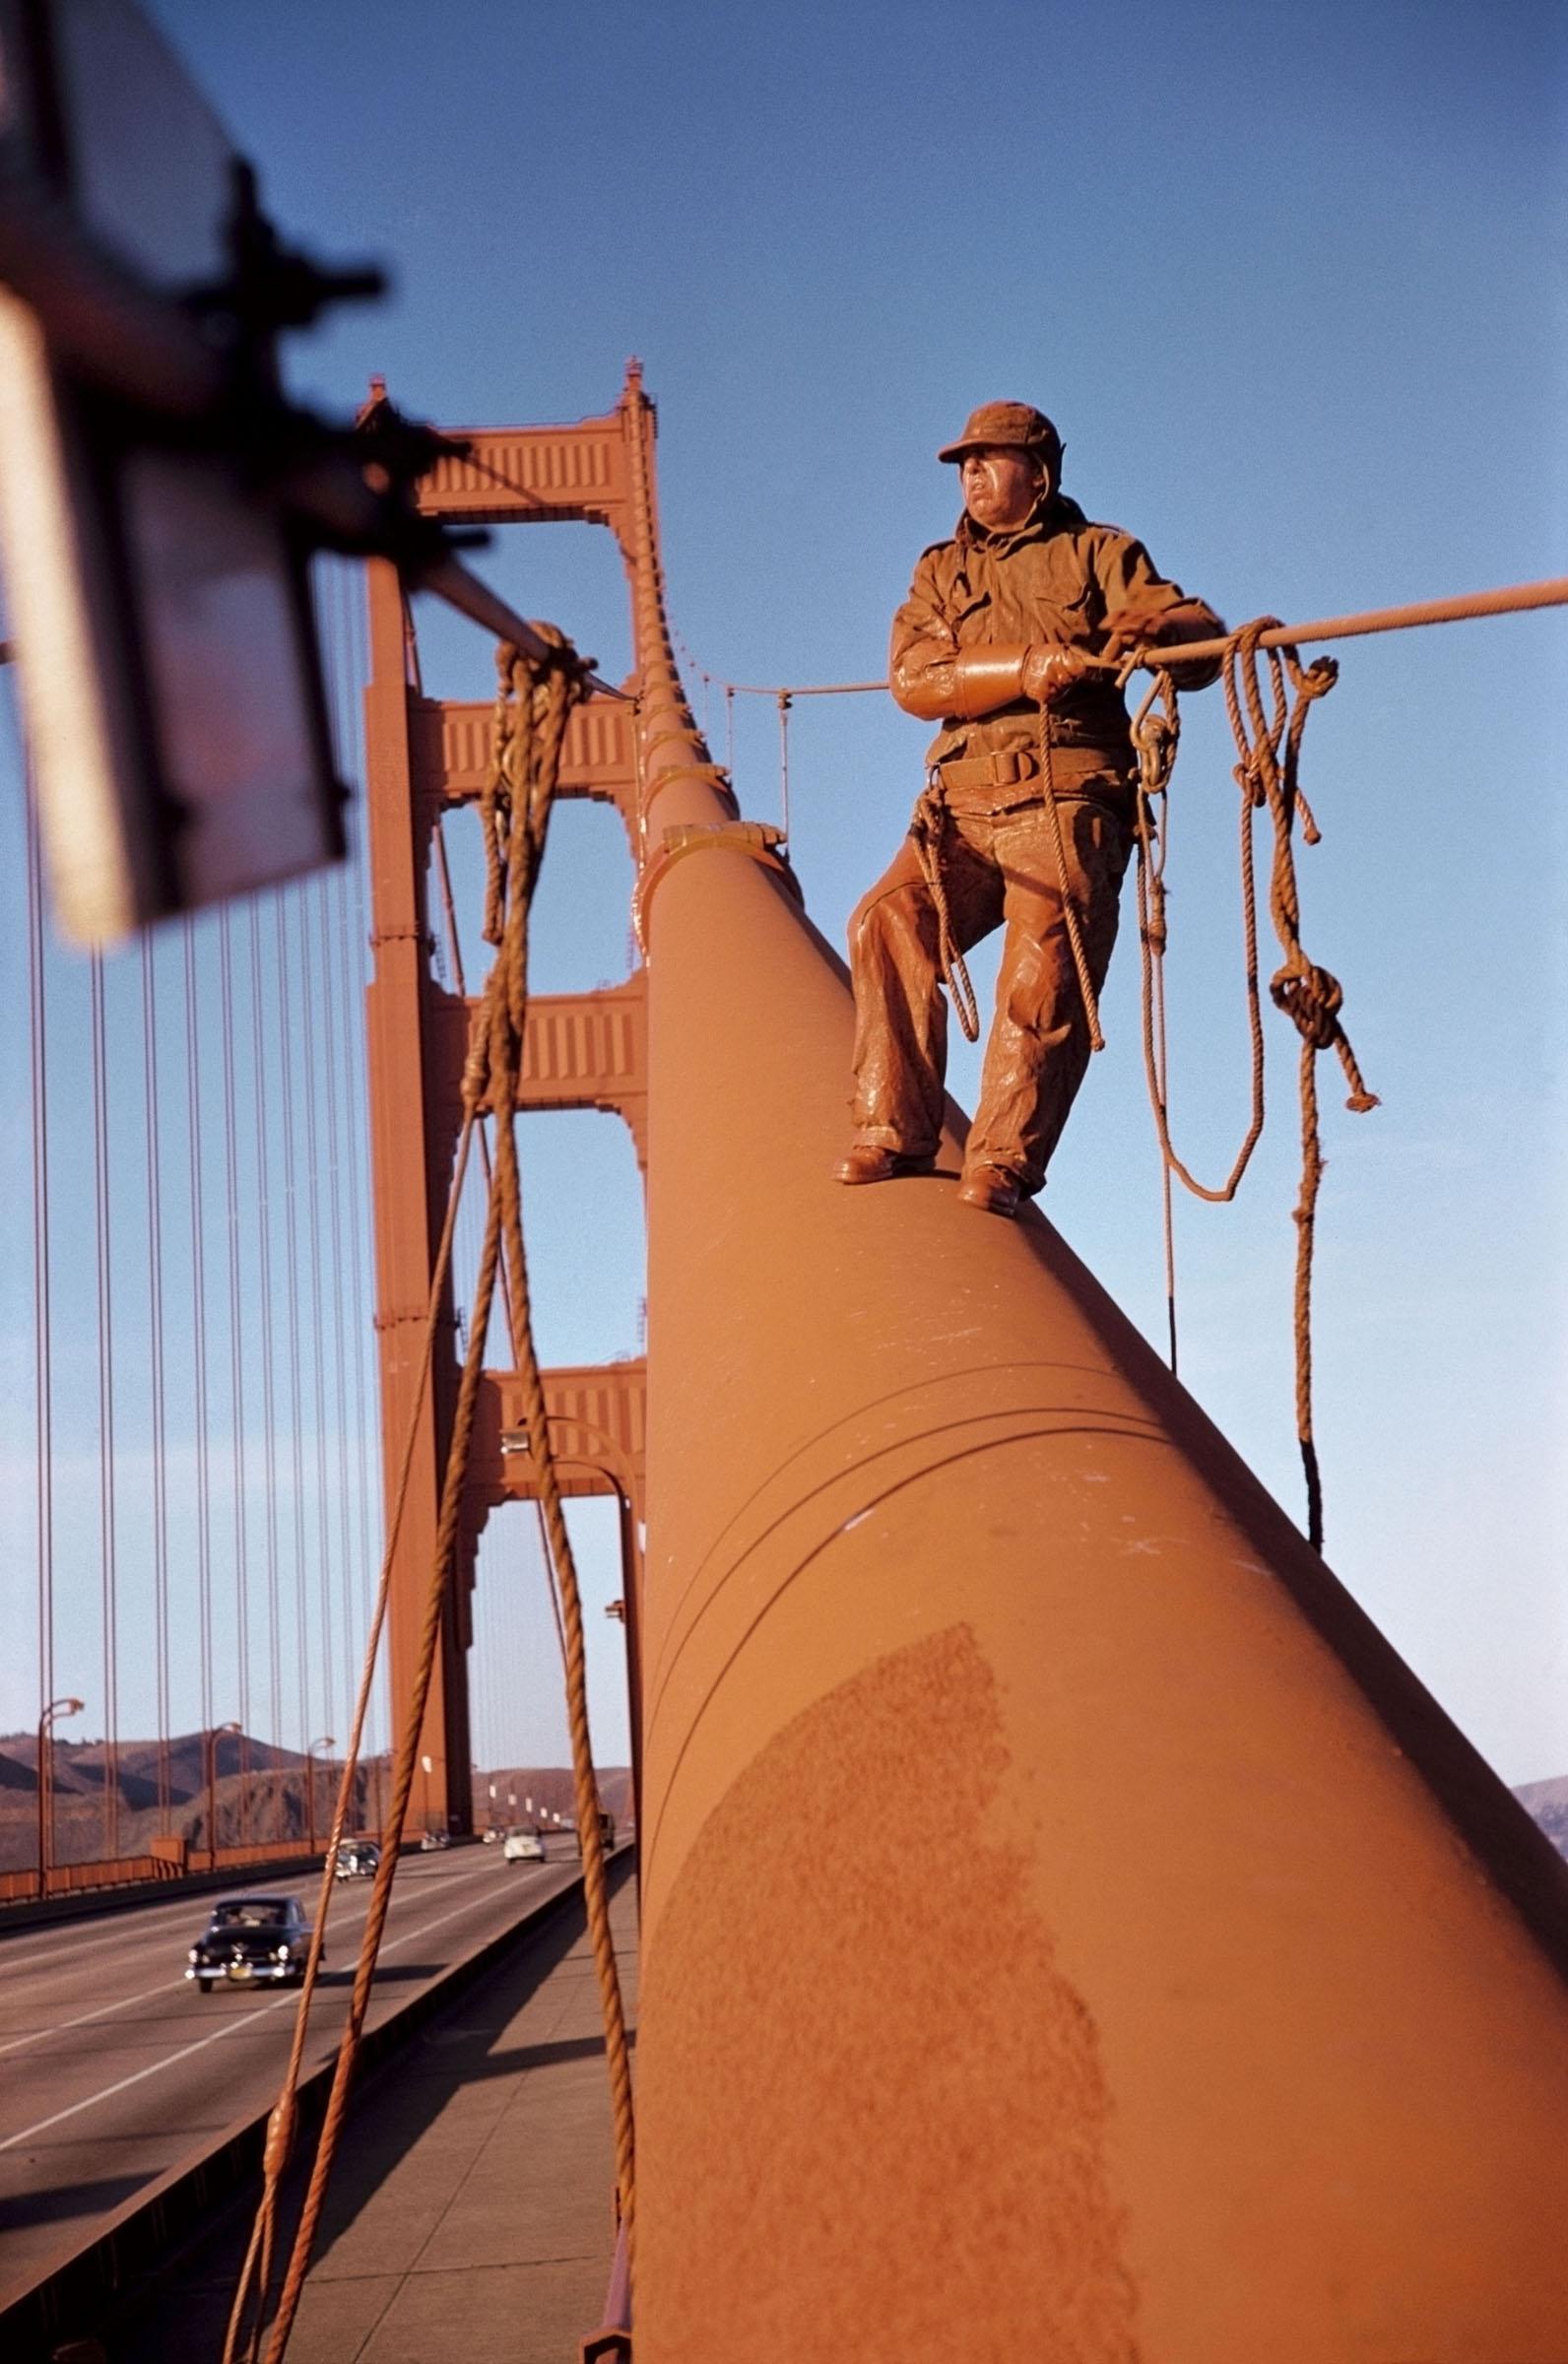 Werner Bischof, Golden Gate Bridge, San Francisco, USA, 1953 © Werner Bischof/Magnum Photos